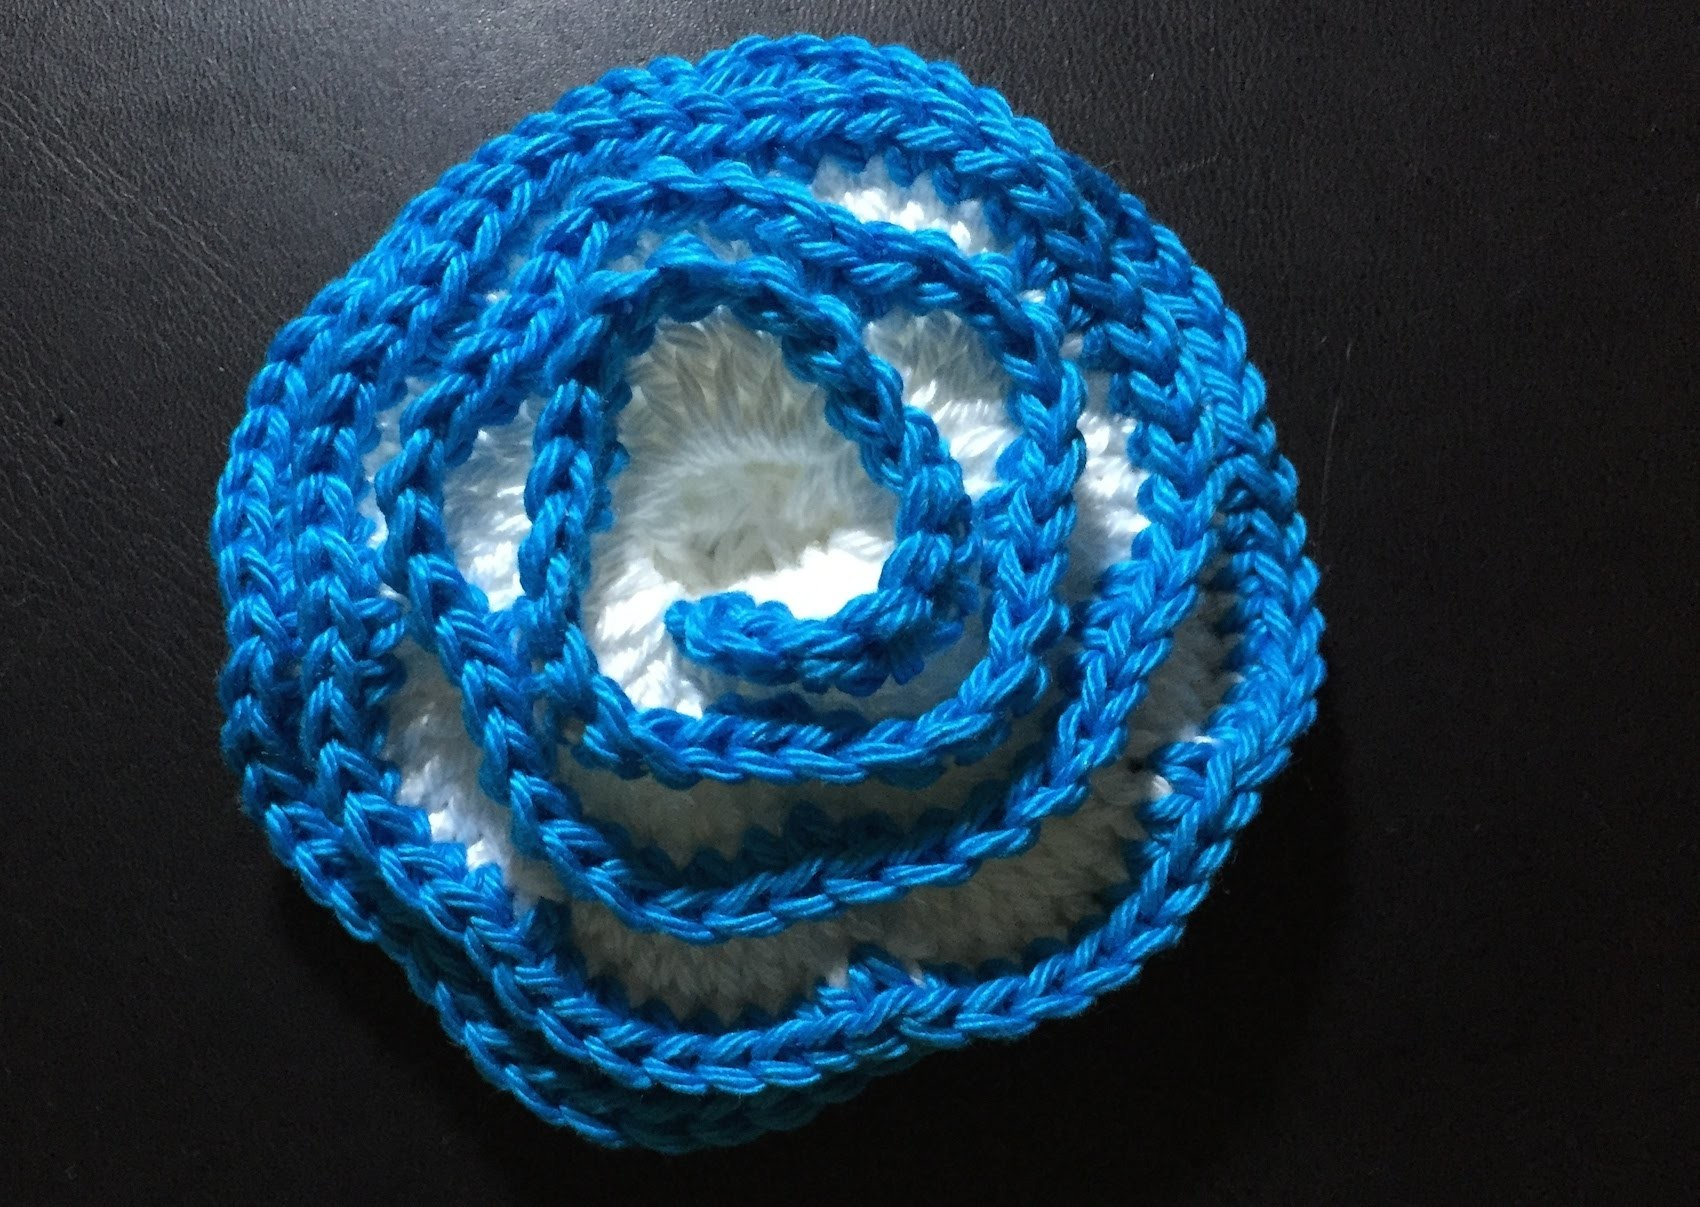 Tuto crochet facile ajouter de la couleur aux roses crochet